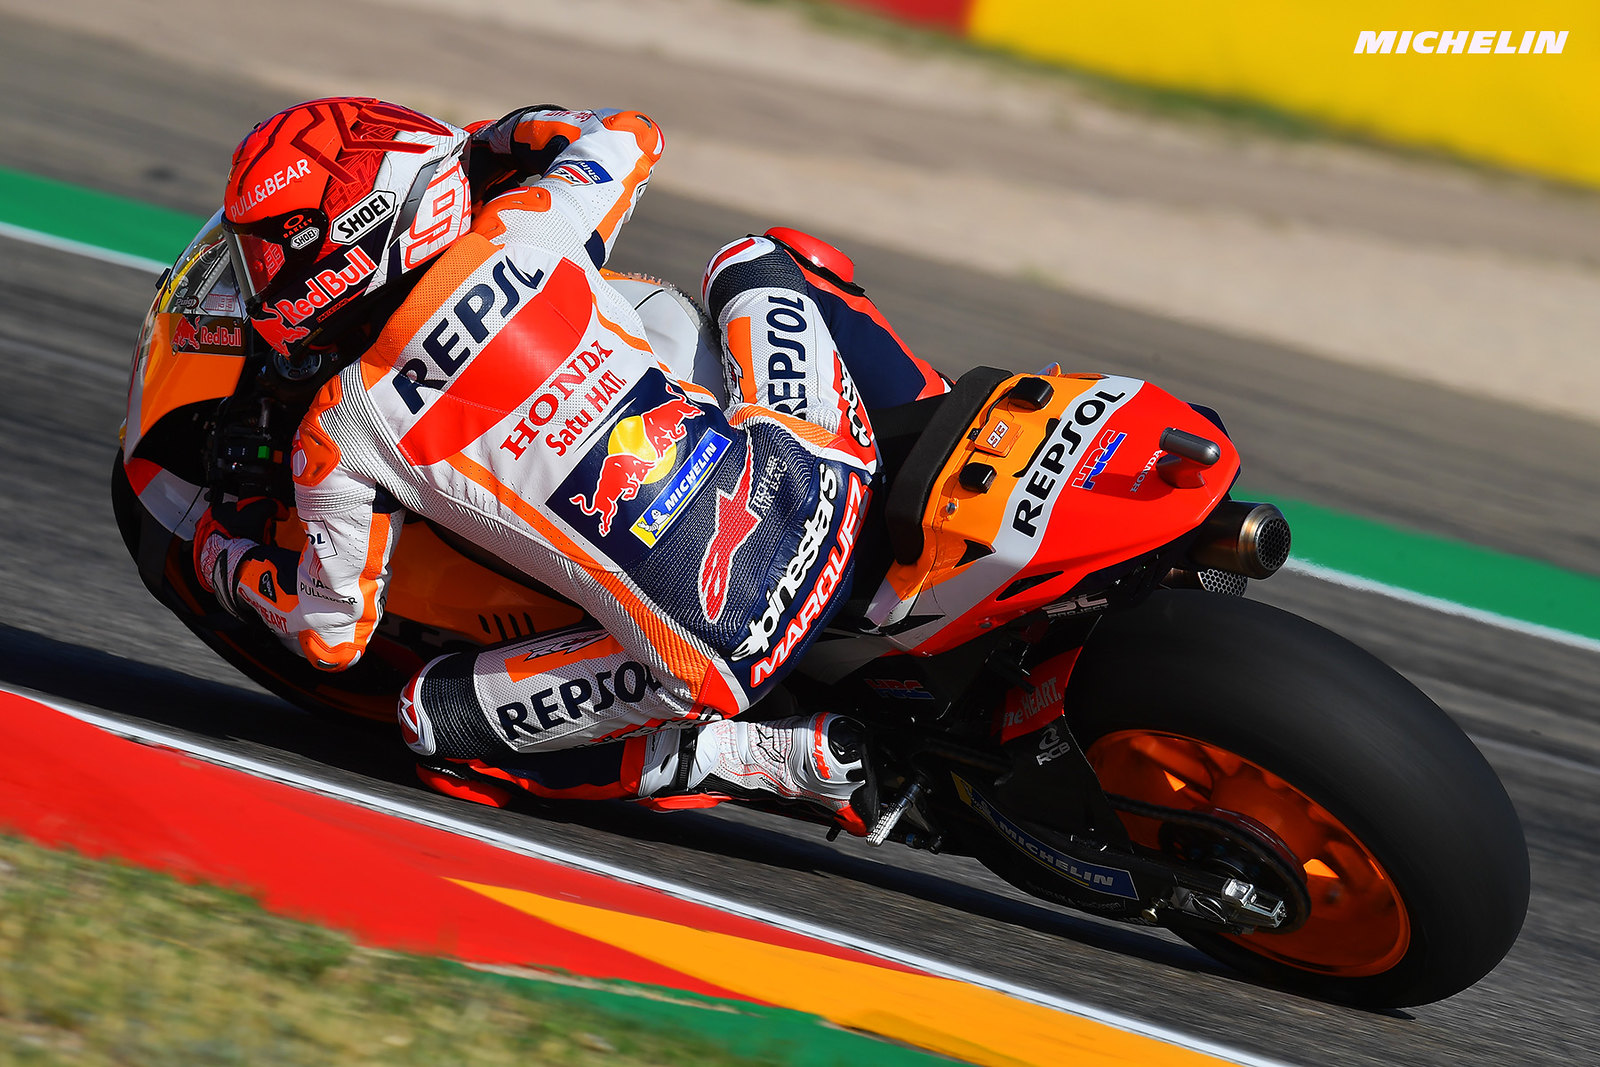 MotoGP2021アラゴンGP 初日総合8位マルク・マルケス「今日は自分の転倒に頭にきた」